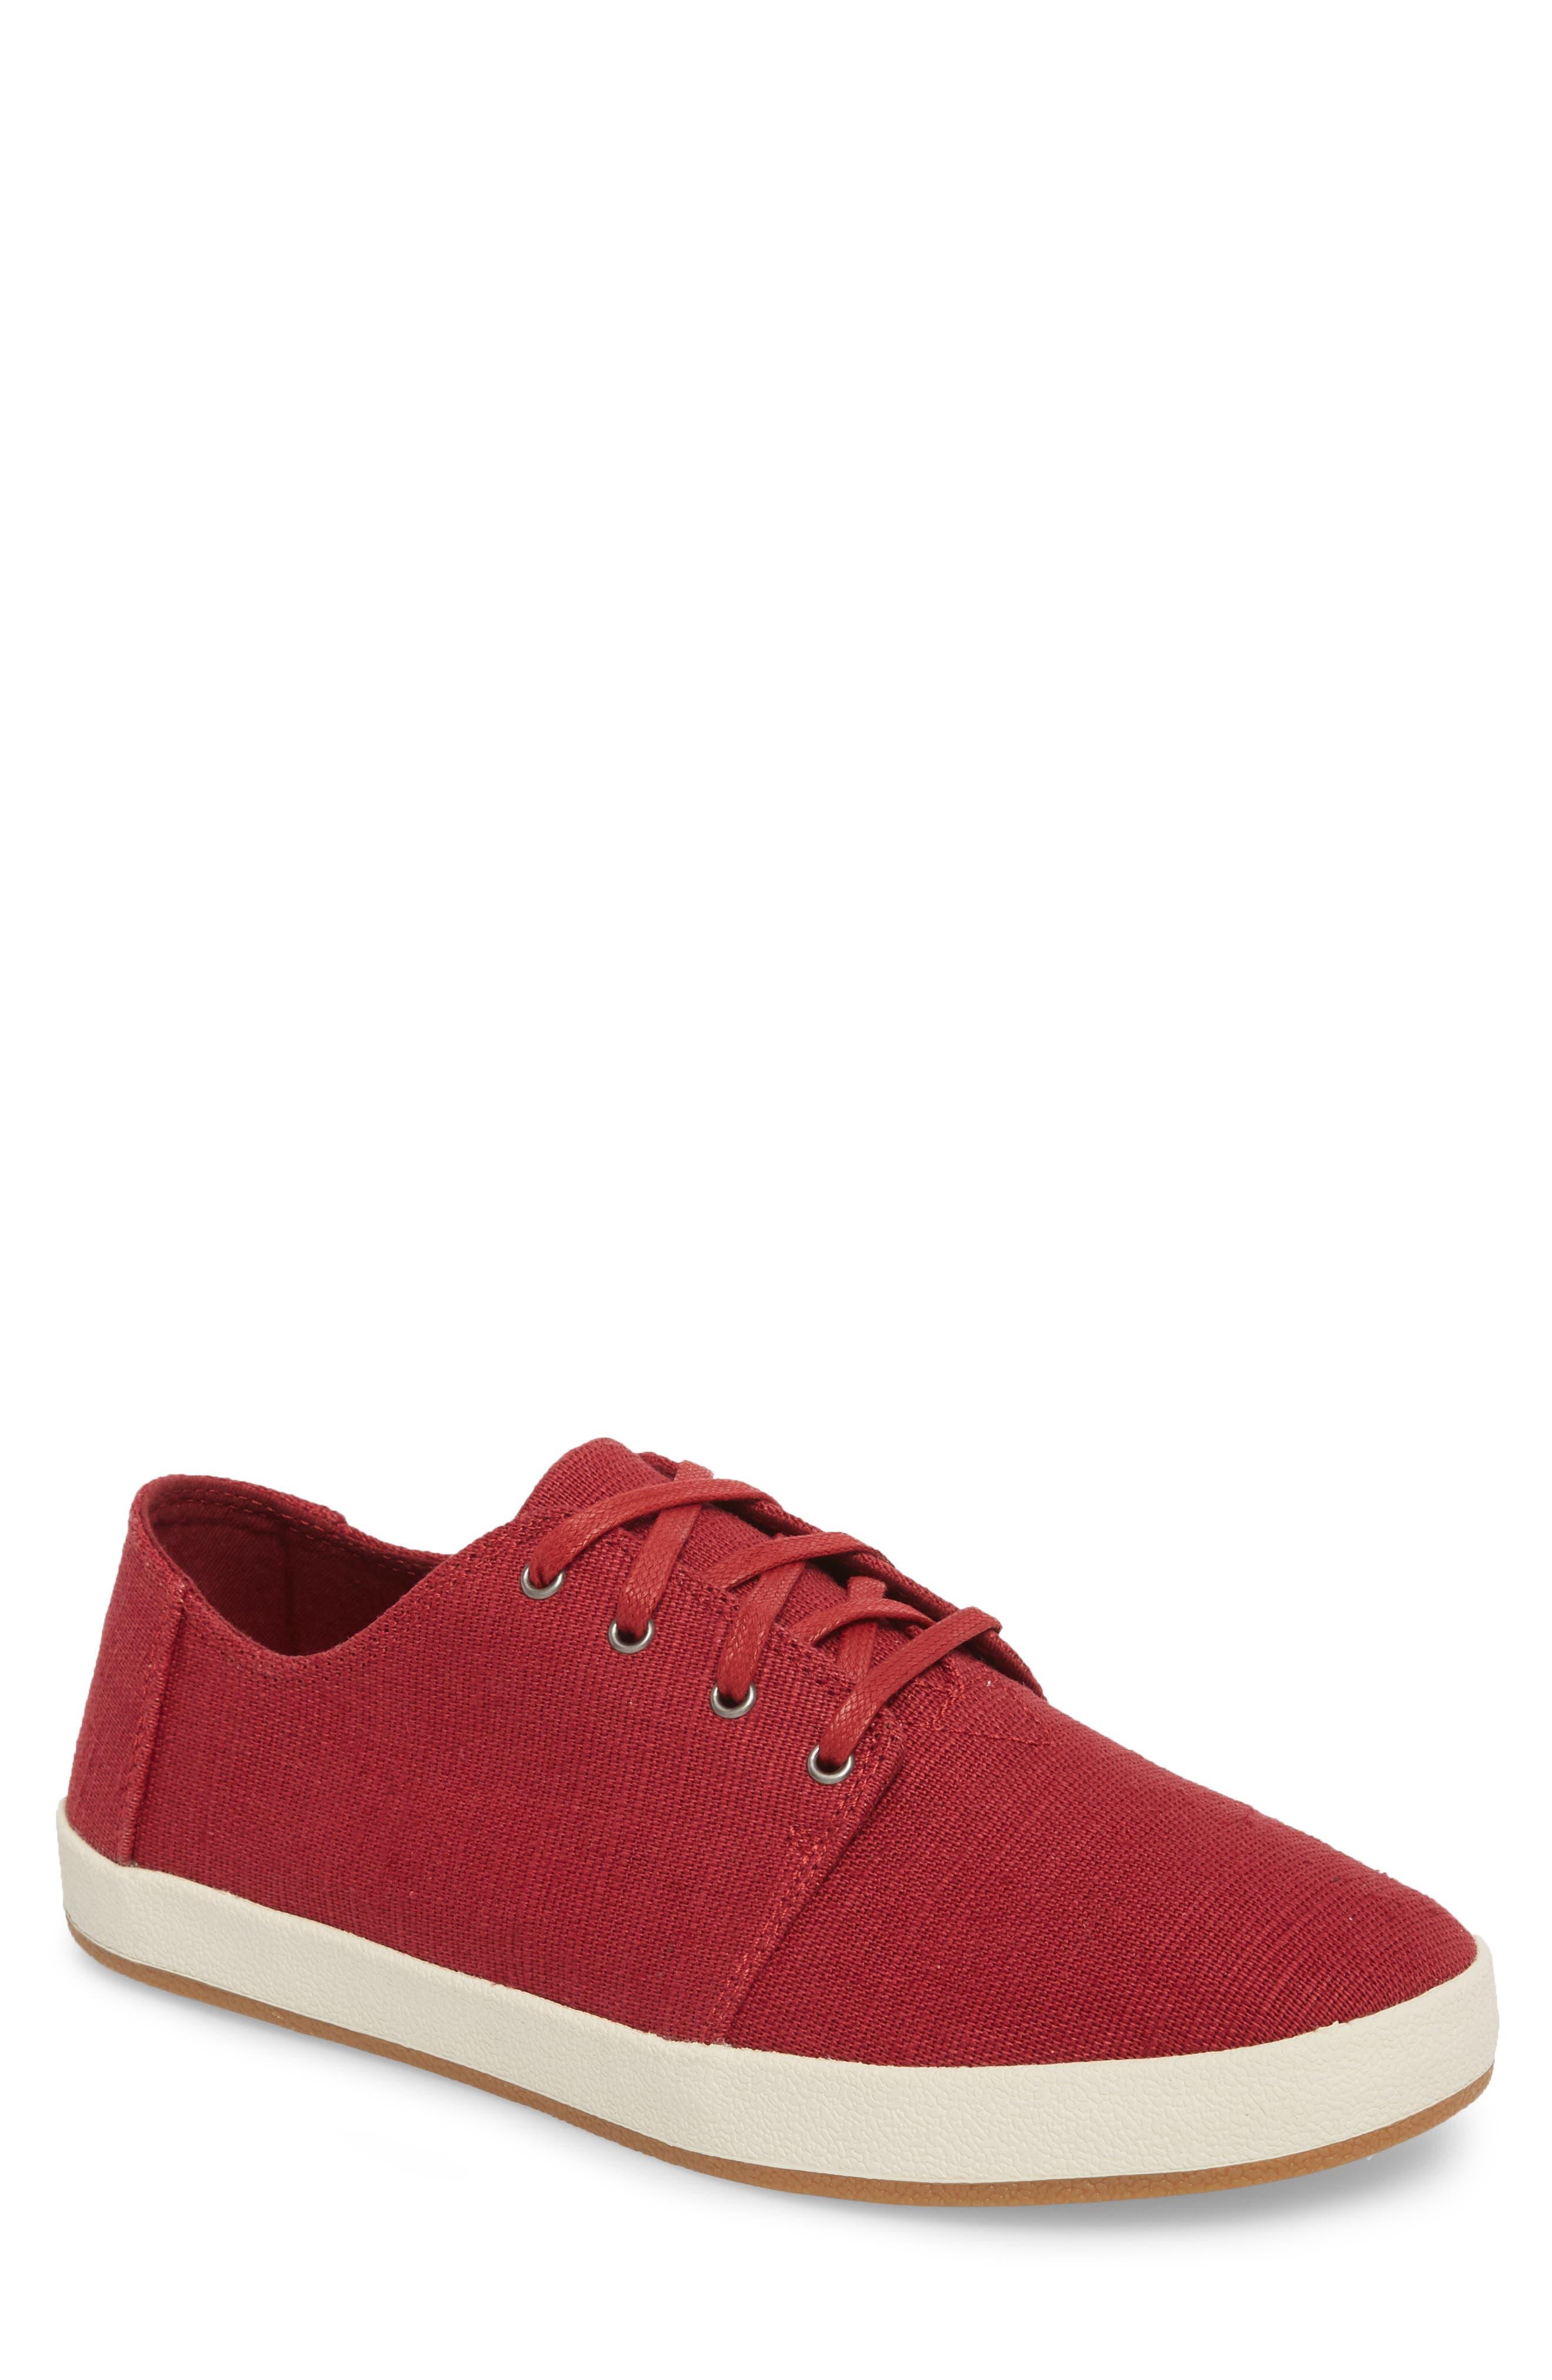 Toms Payton Sneaker, Red